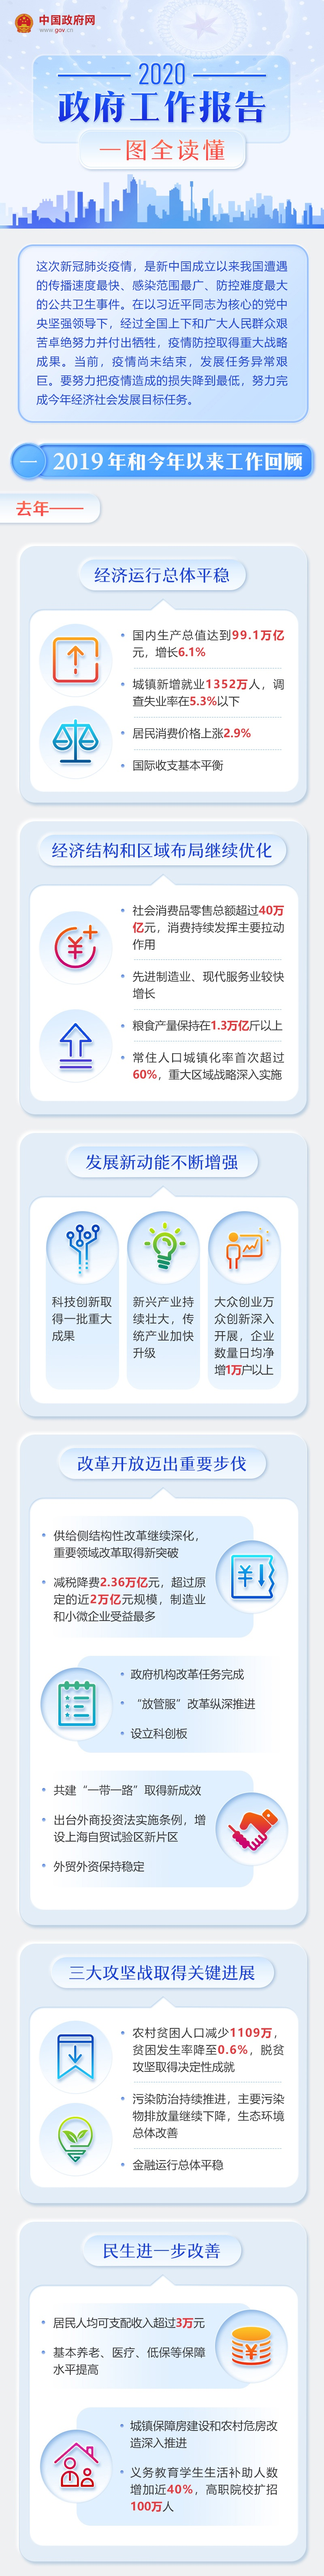 赢咖3官网,一图读懂2赢咖3官网020年政府工图片